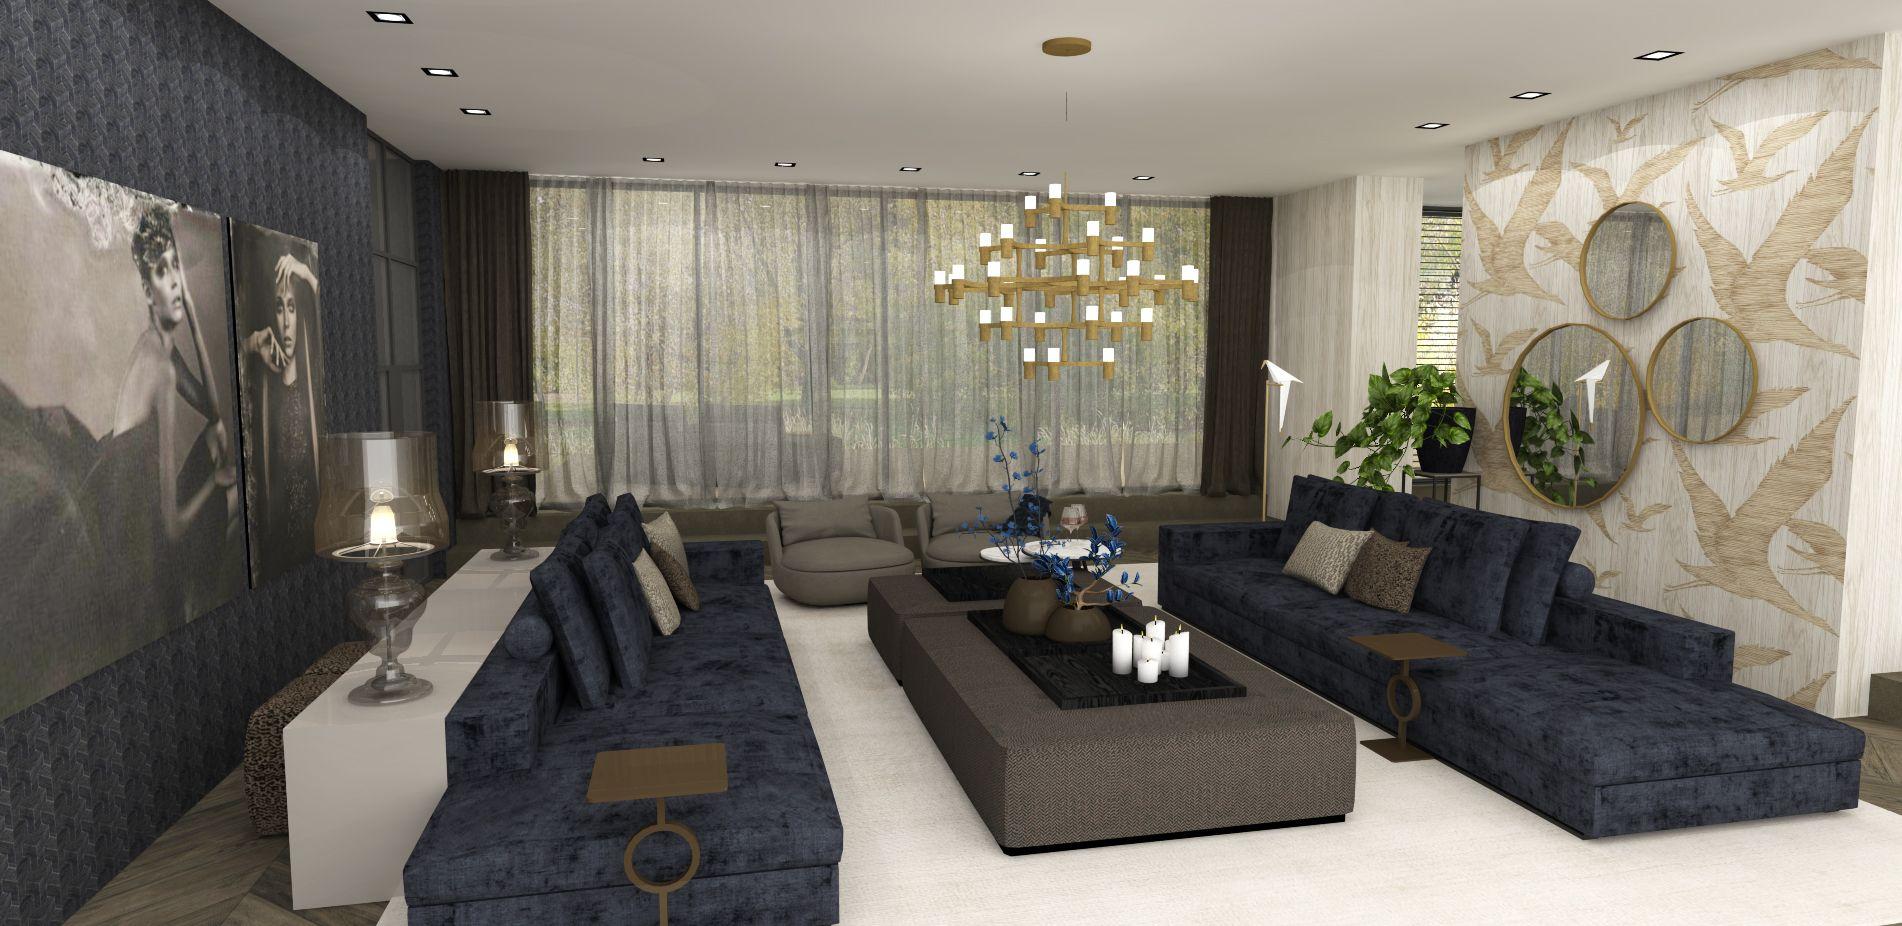 choc studio - modern chic interiors - woonkamer - zithoek ...